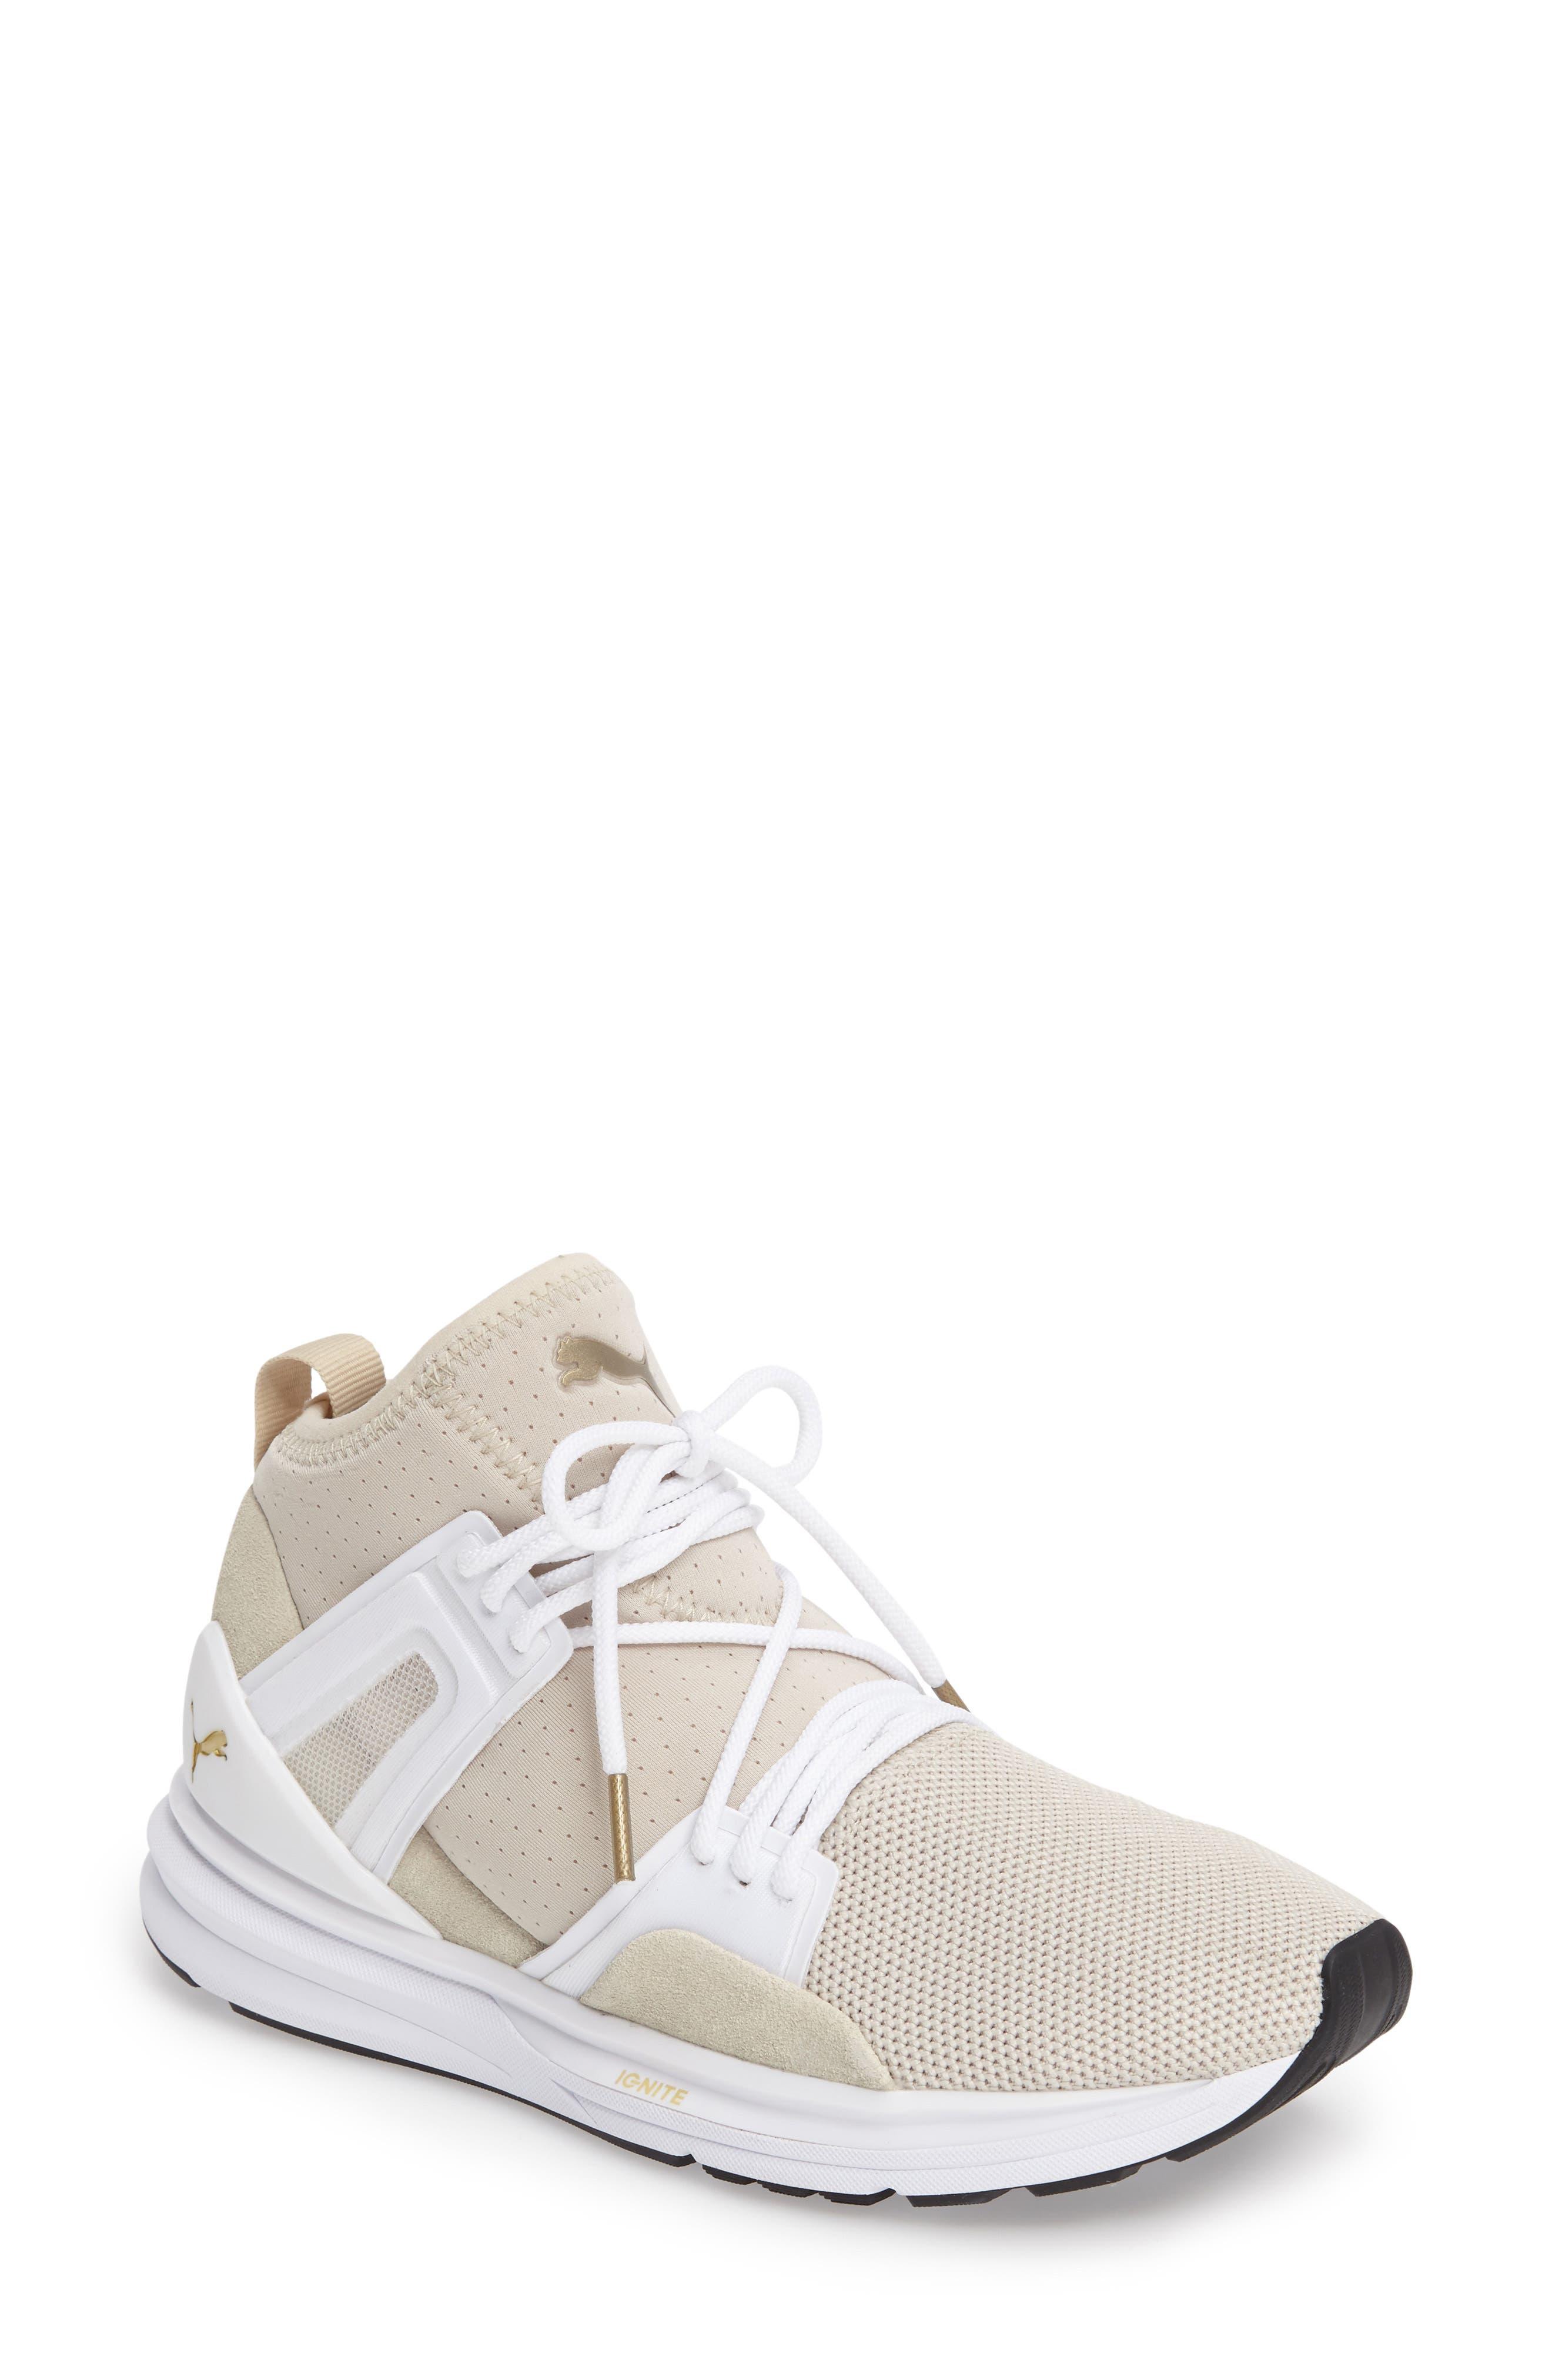 PUMA B.O.G. Limitless High Top Training Shoe (Women)